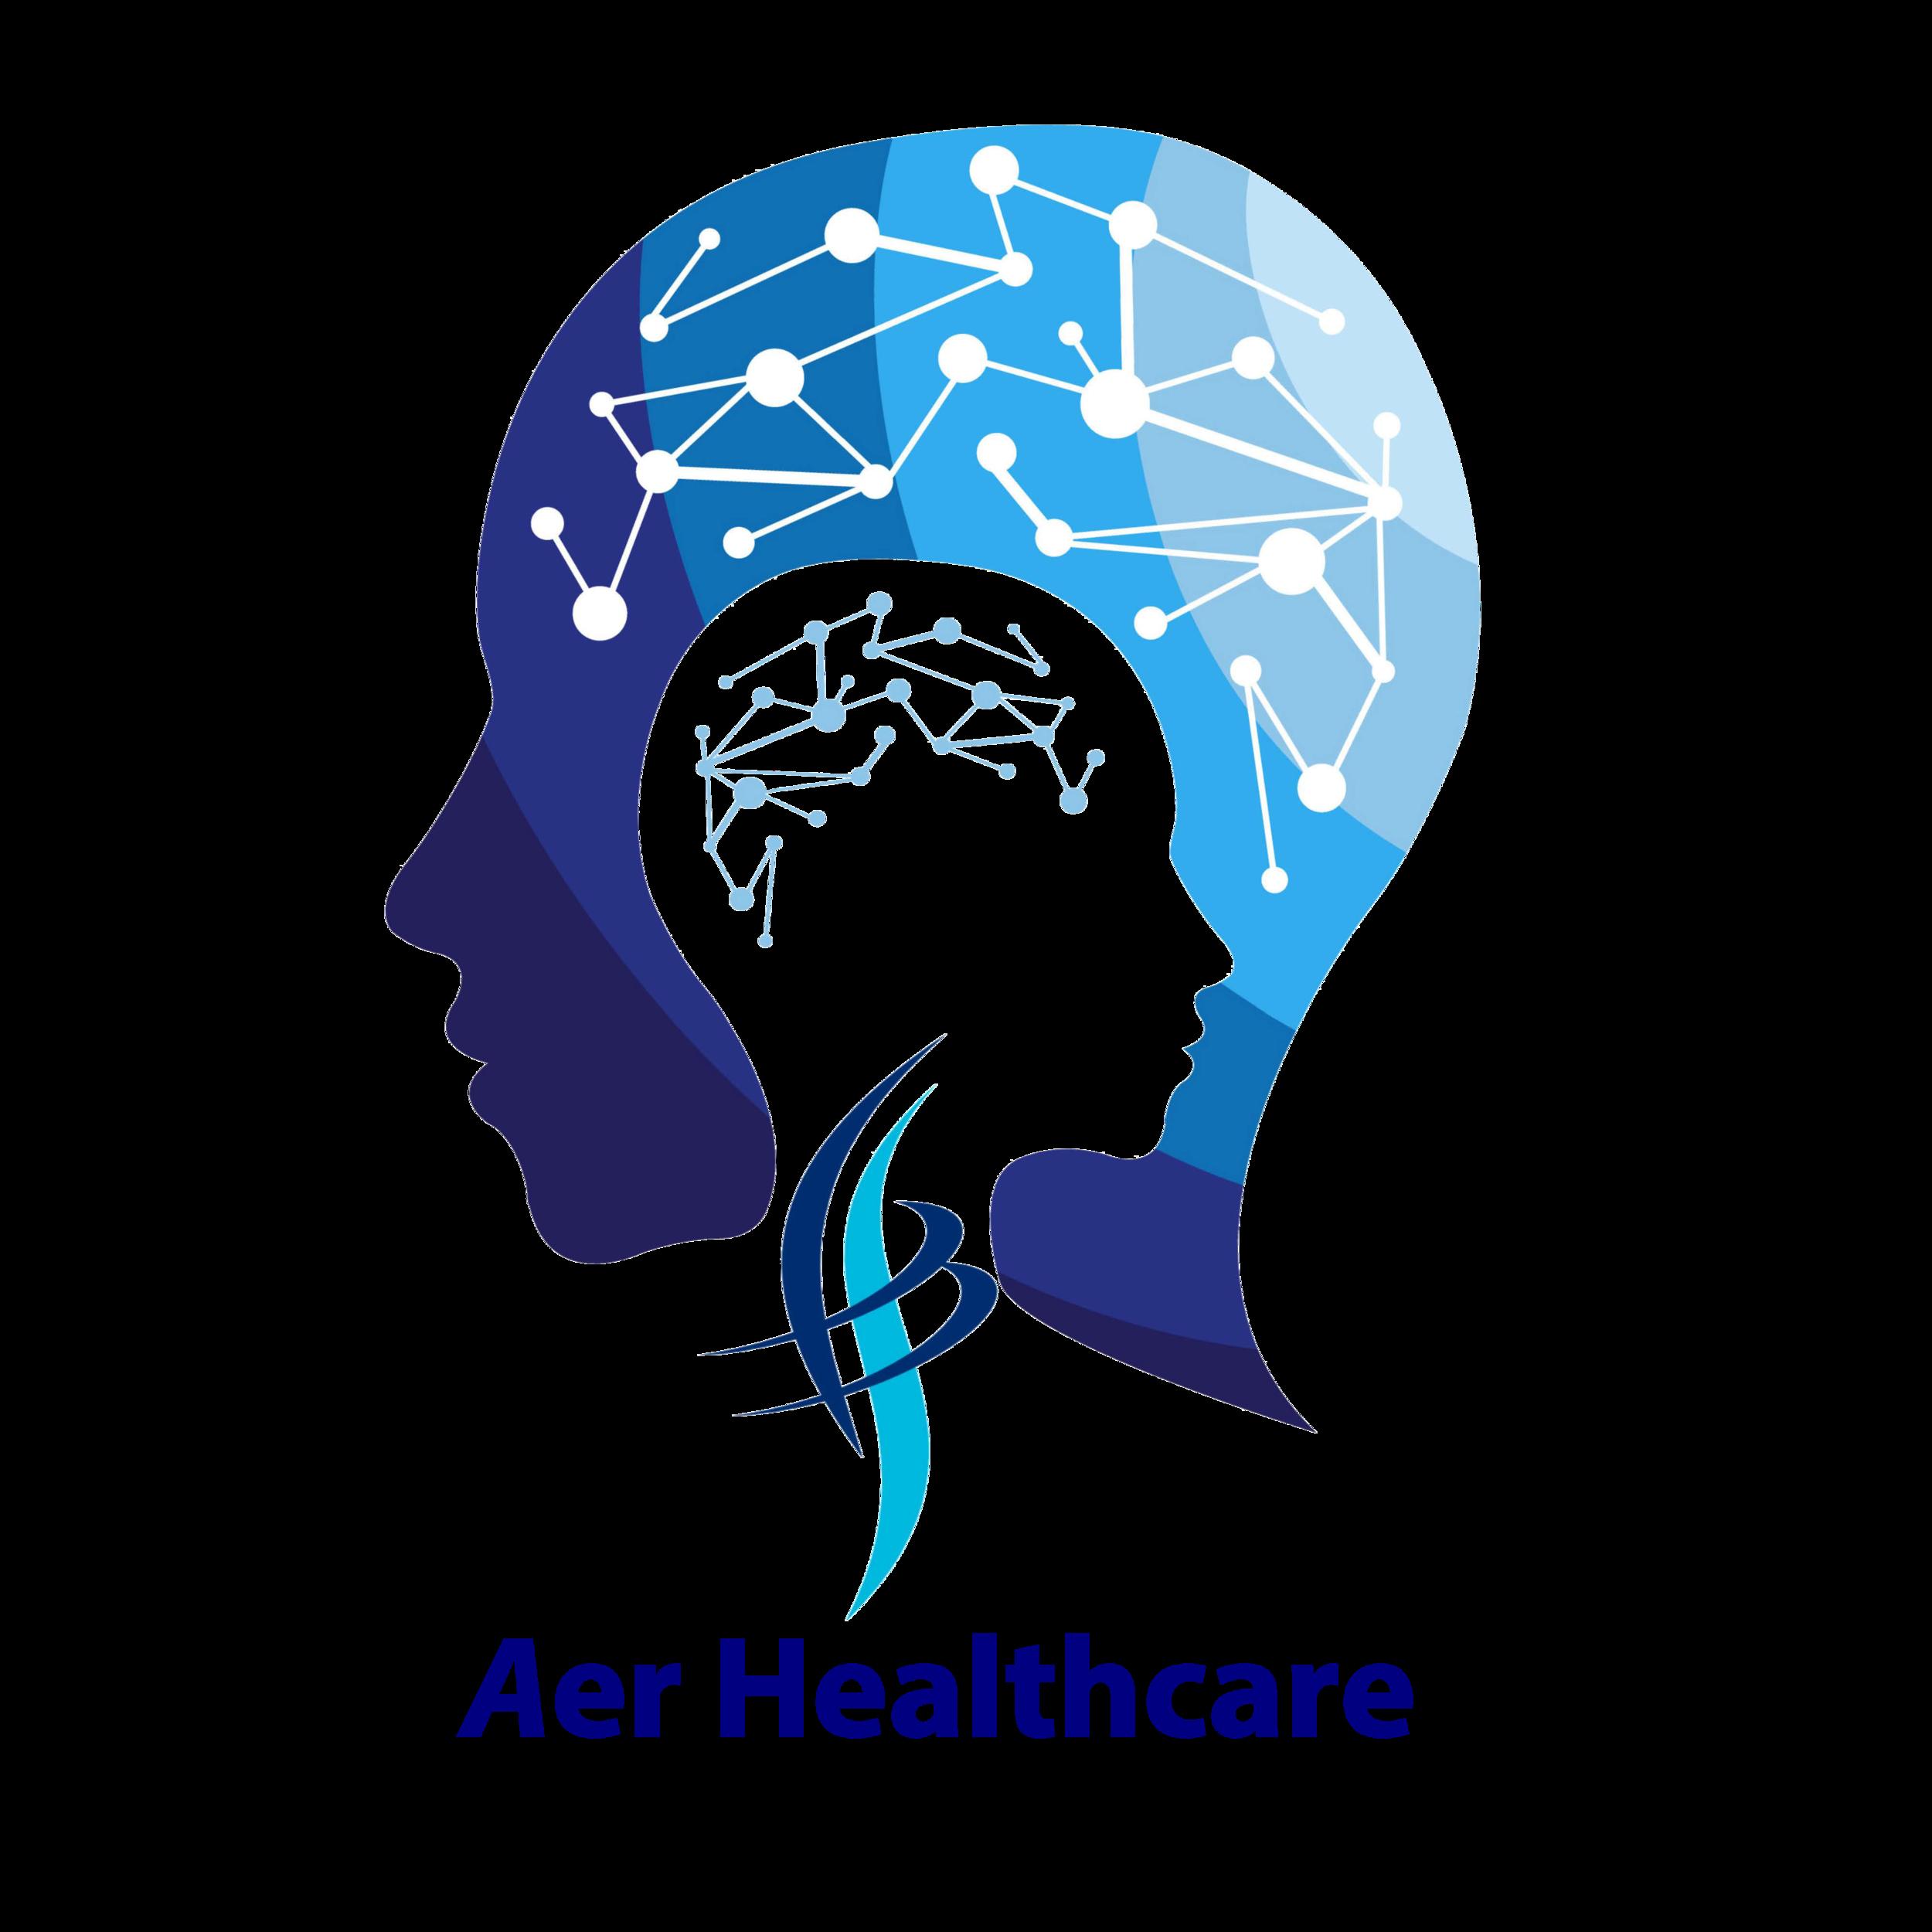 Full-logo-Aer-Healthcare-Transparent.png